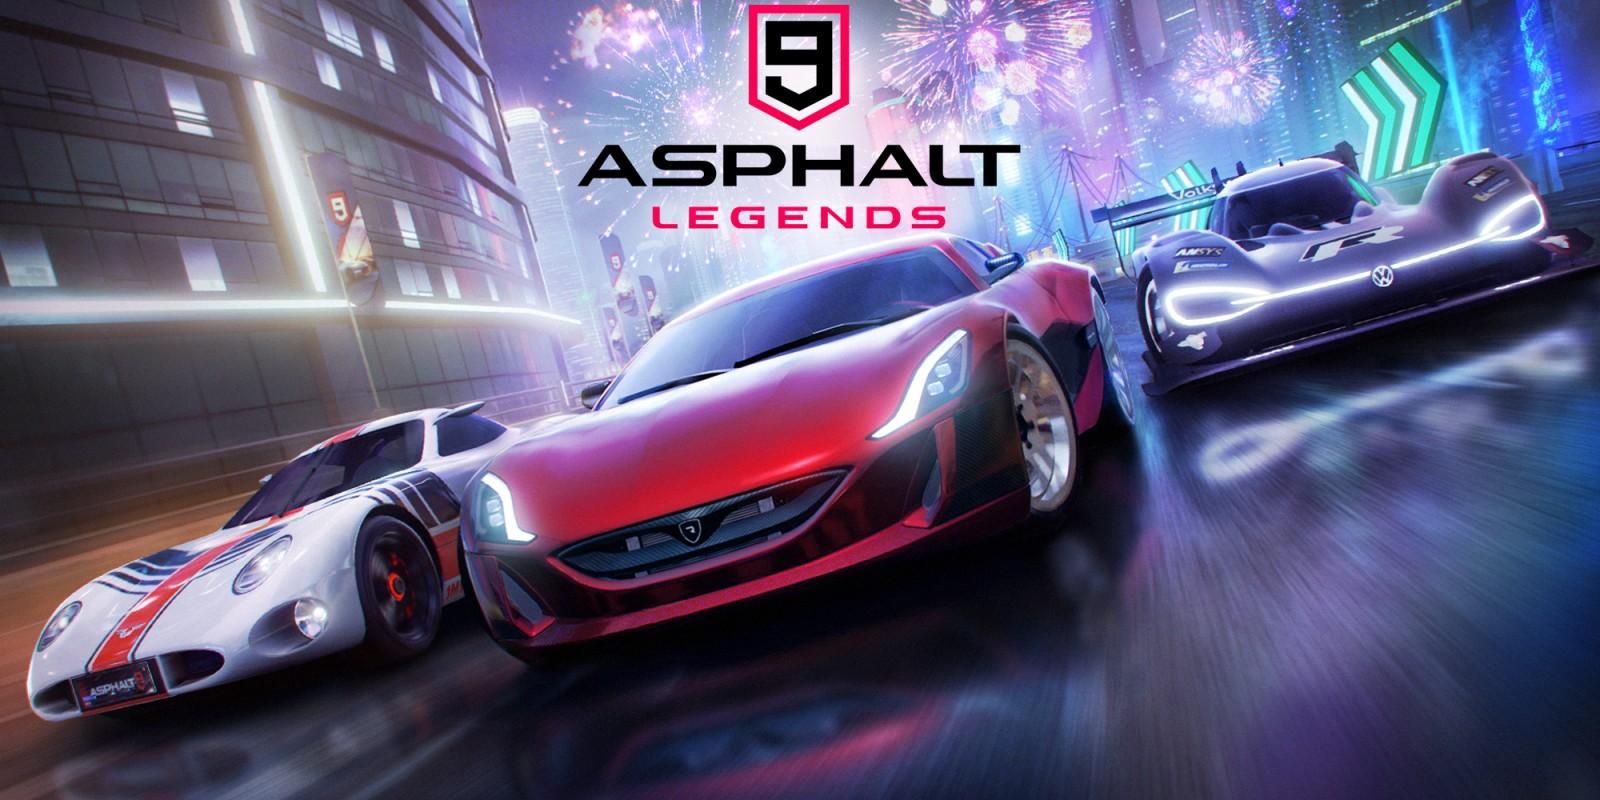 Hướng dẫn cách chơi Asphalt 9 không phải ai cũng biết